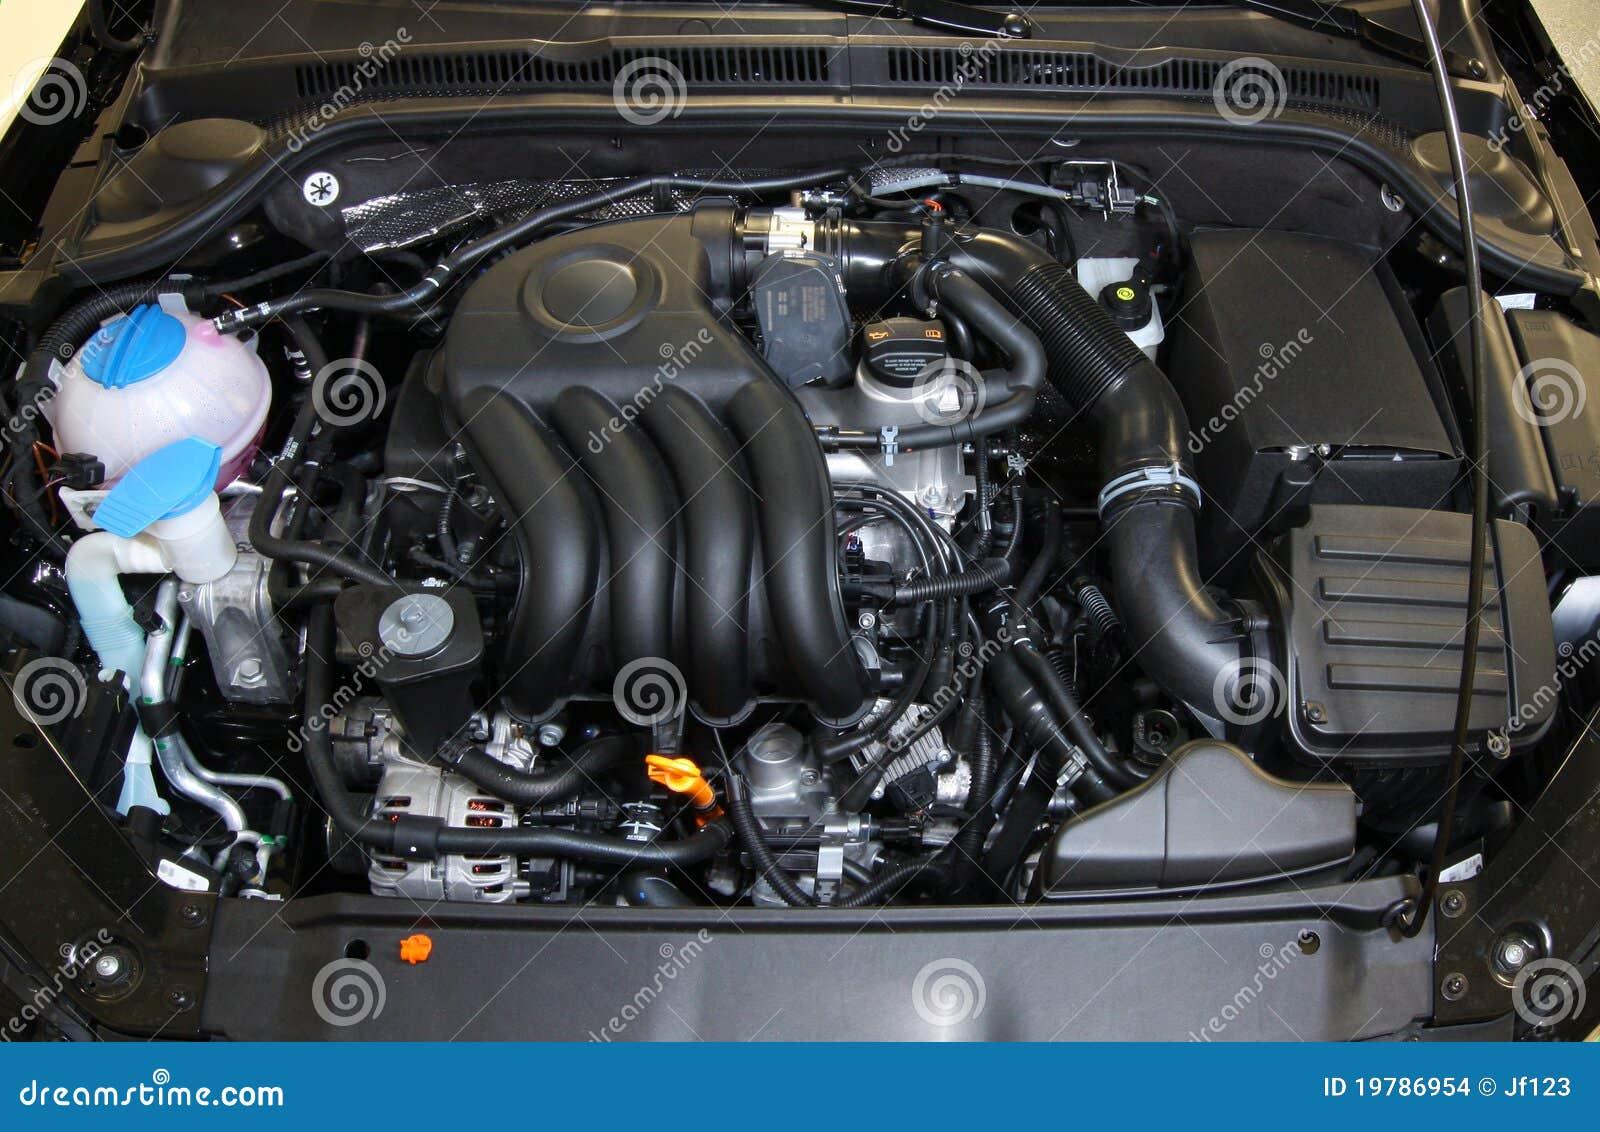 Fein Auto Motor Bilder Fotos - Elektrische Schaltplan-Ideen ...